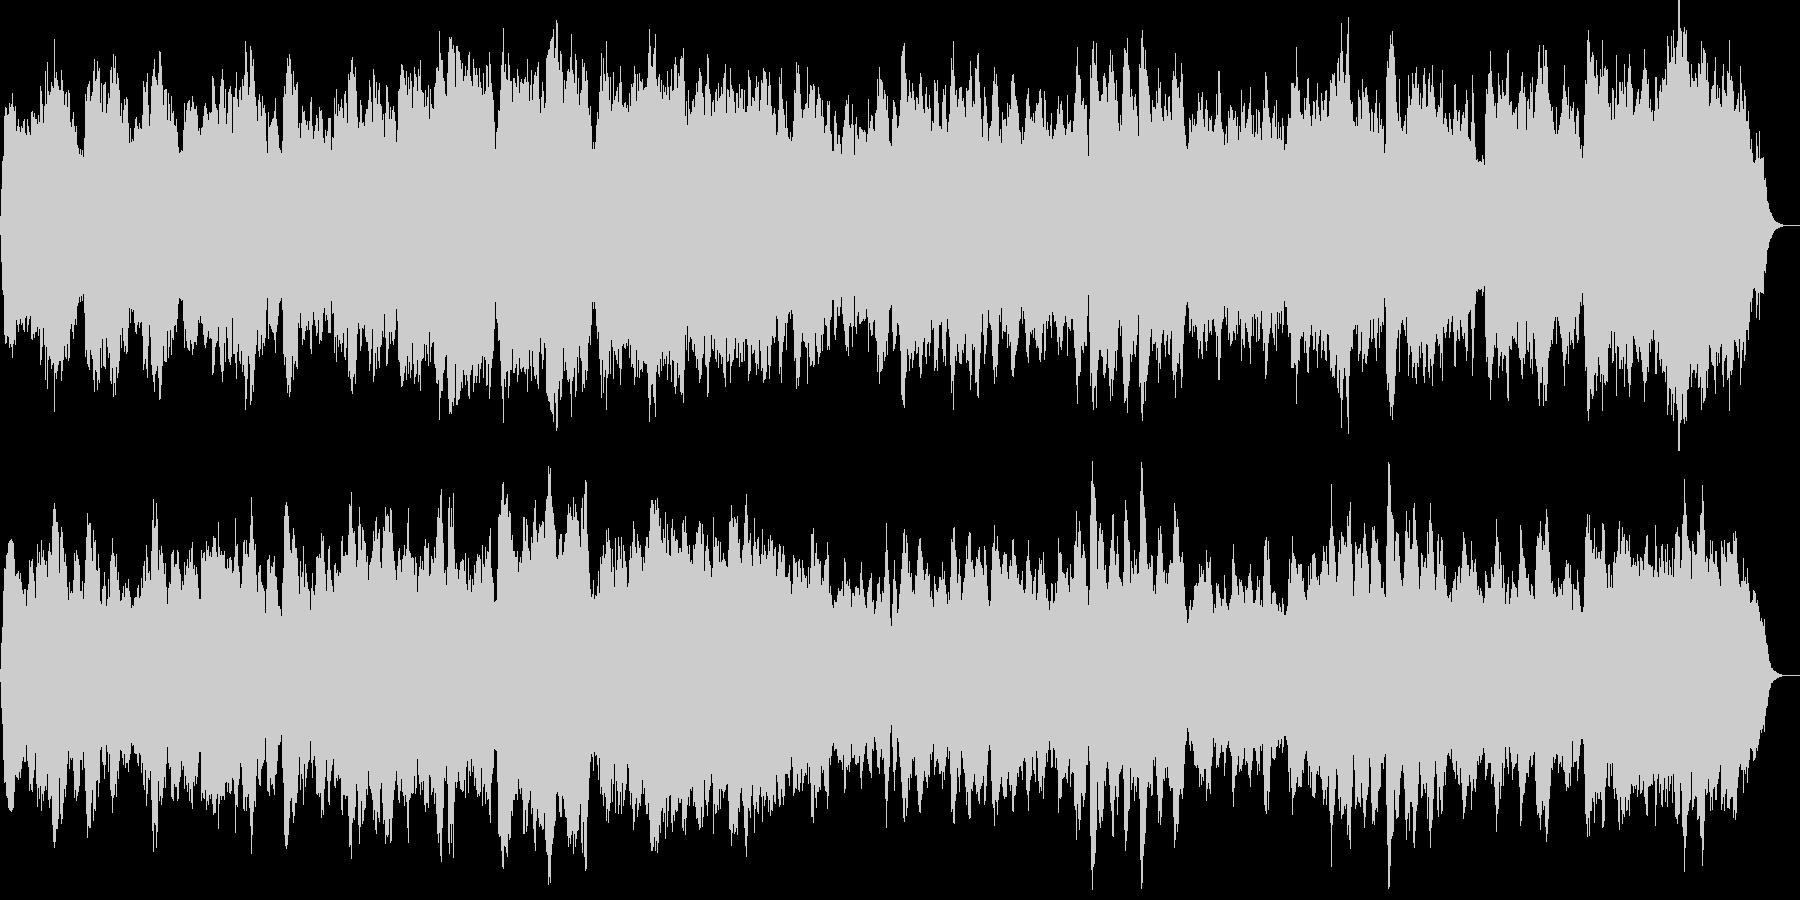 バッハのようなパイプオルガンの四声の曲の未再生の波形